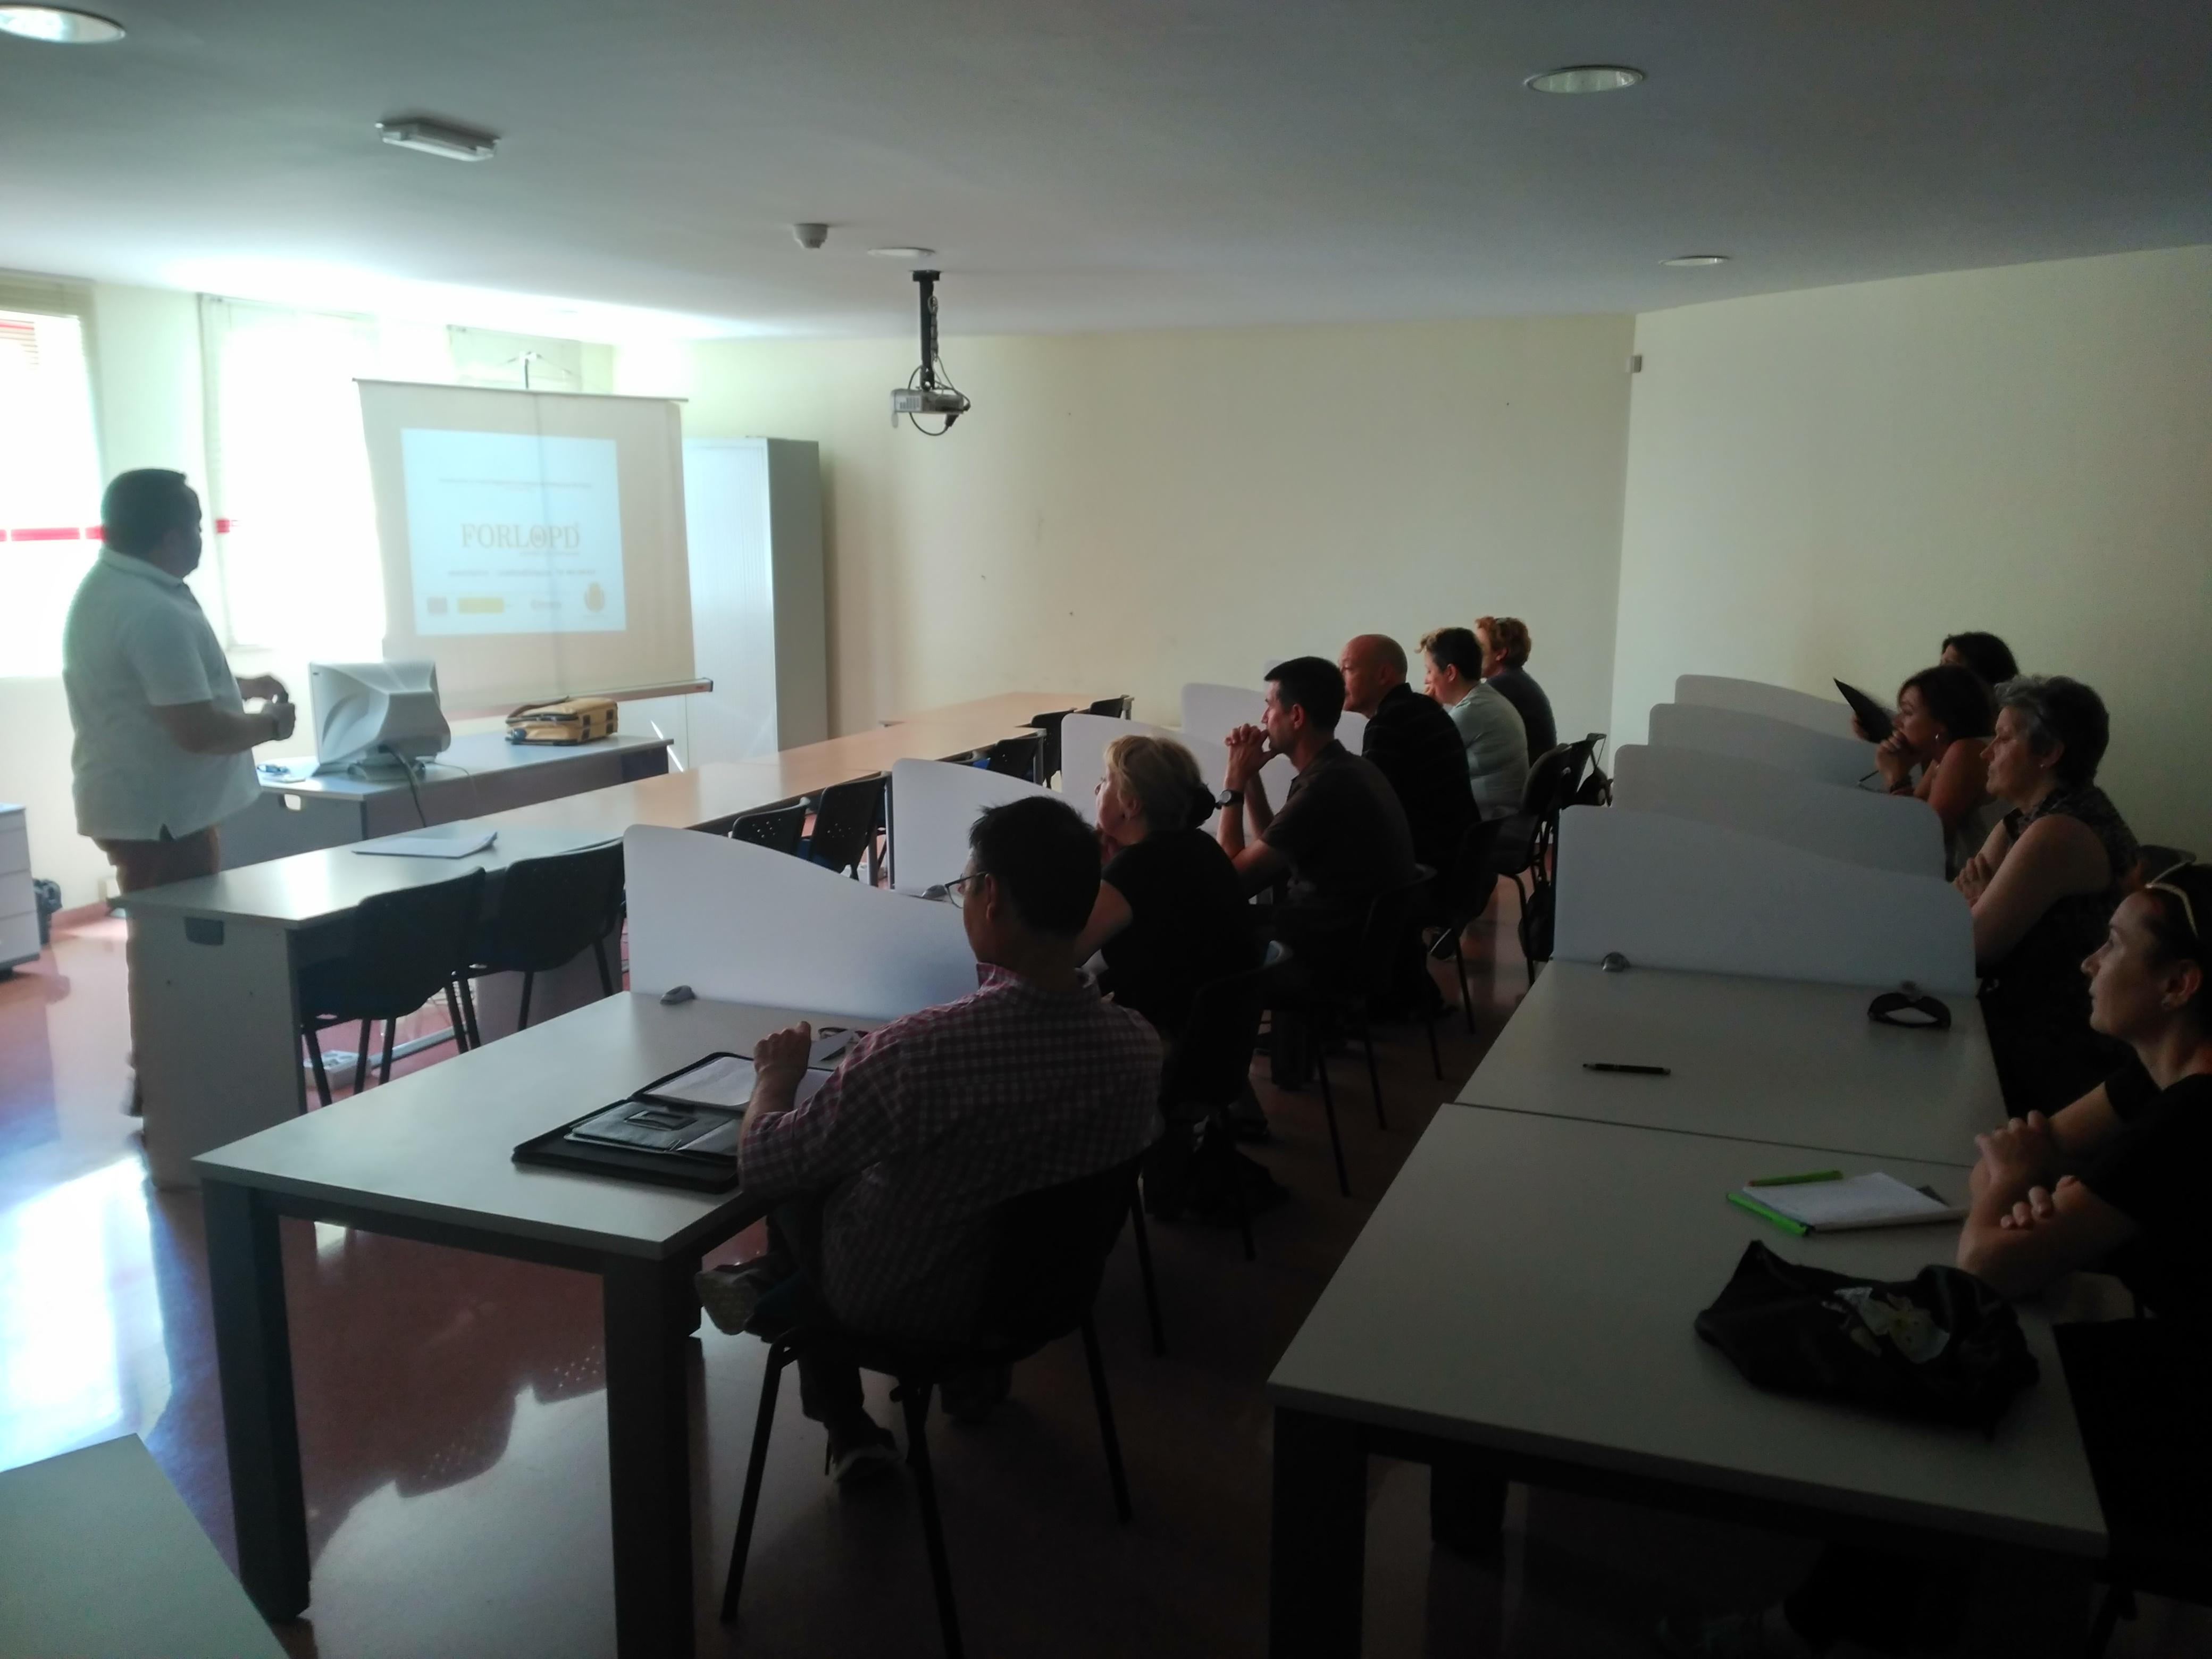 Elda acoge la programación de talleres formativos dirigidos a comerciantes que impulsa la Cámara de Comercio de Alicante